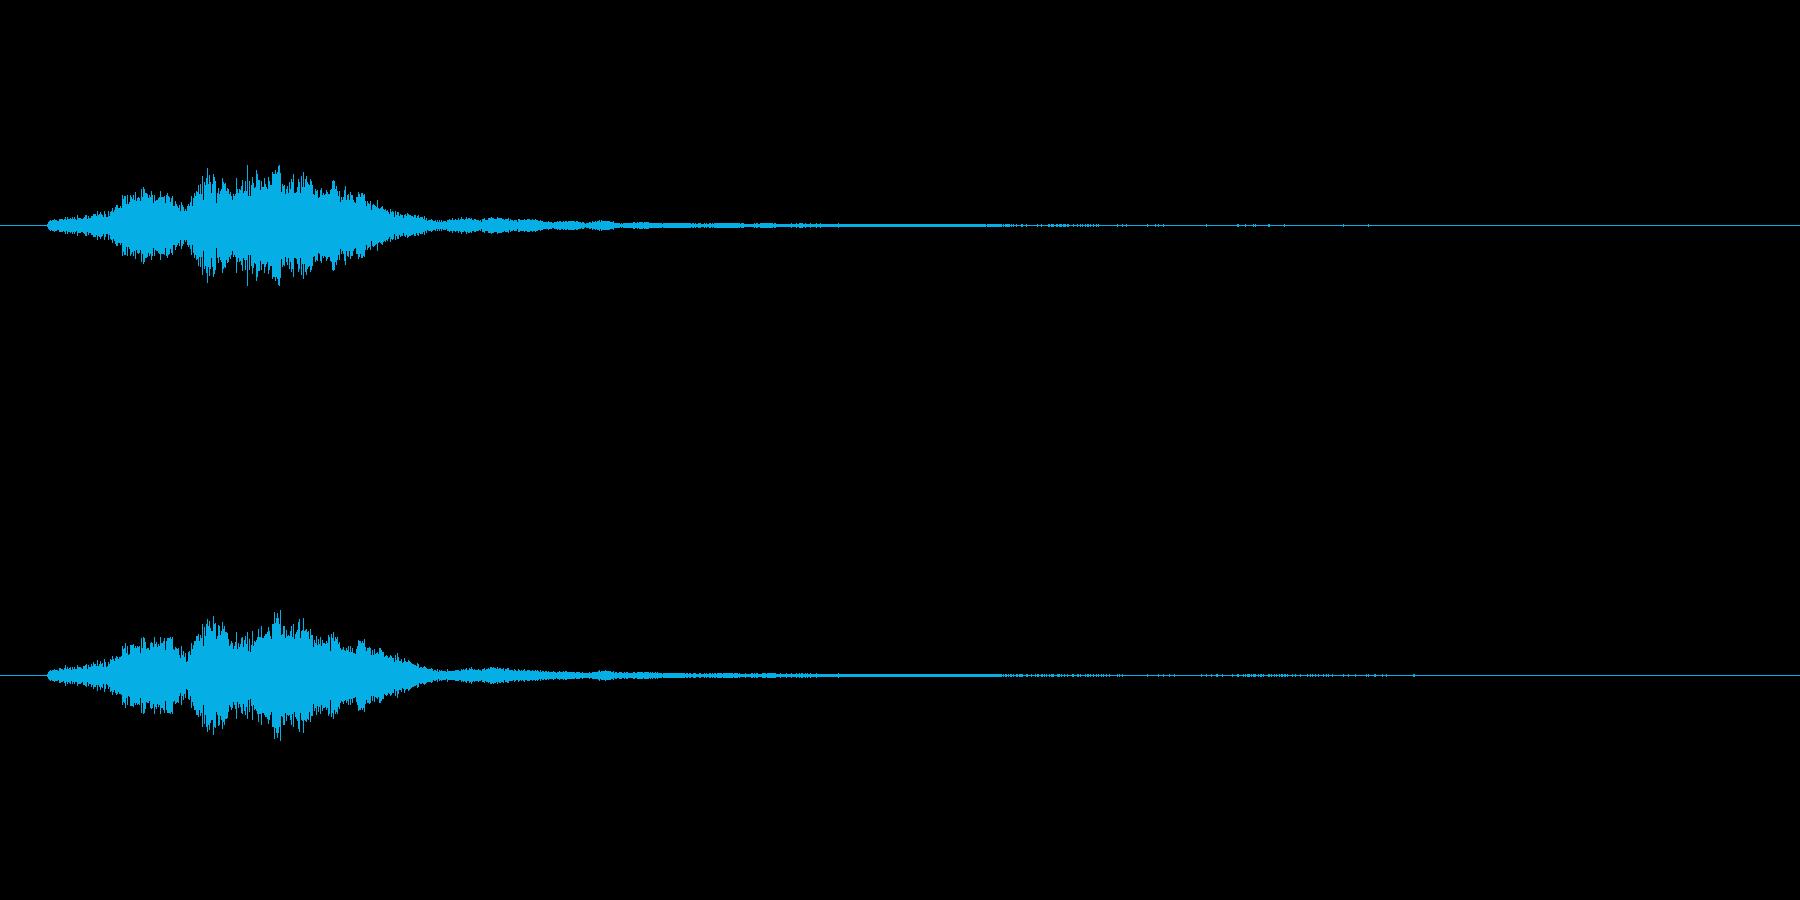 ハープグリッサンド上行3回~Eの再生済みの波形